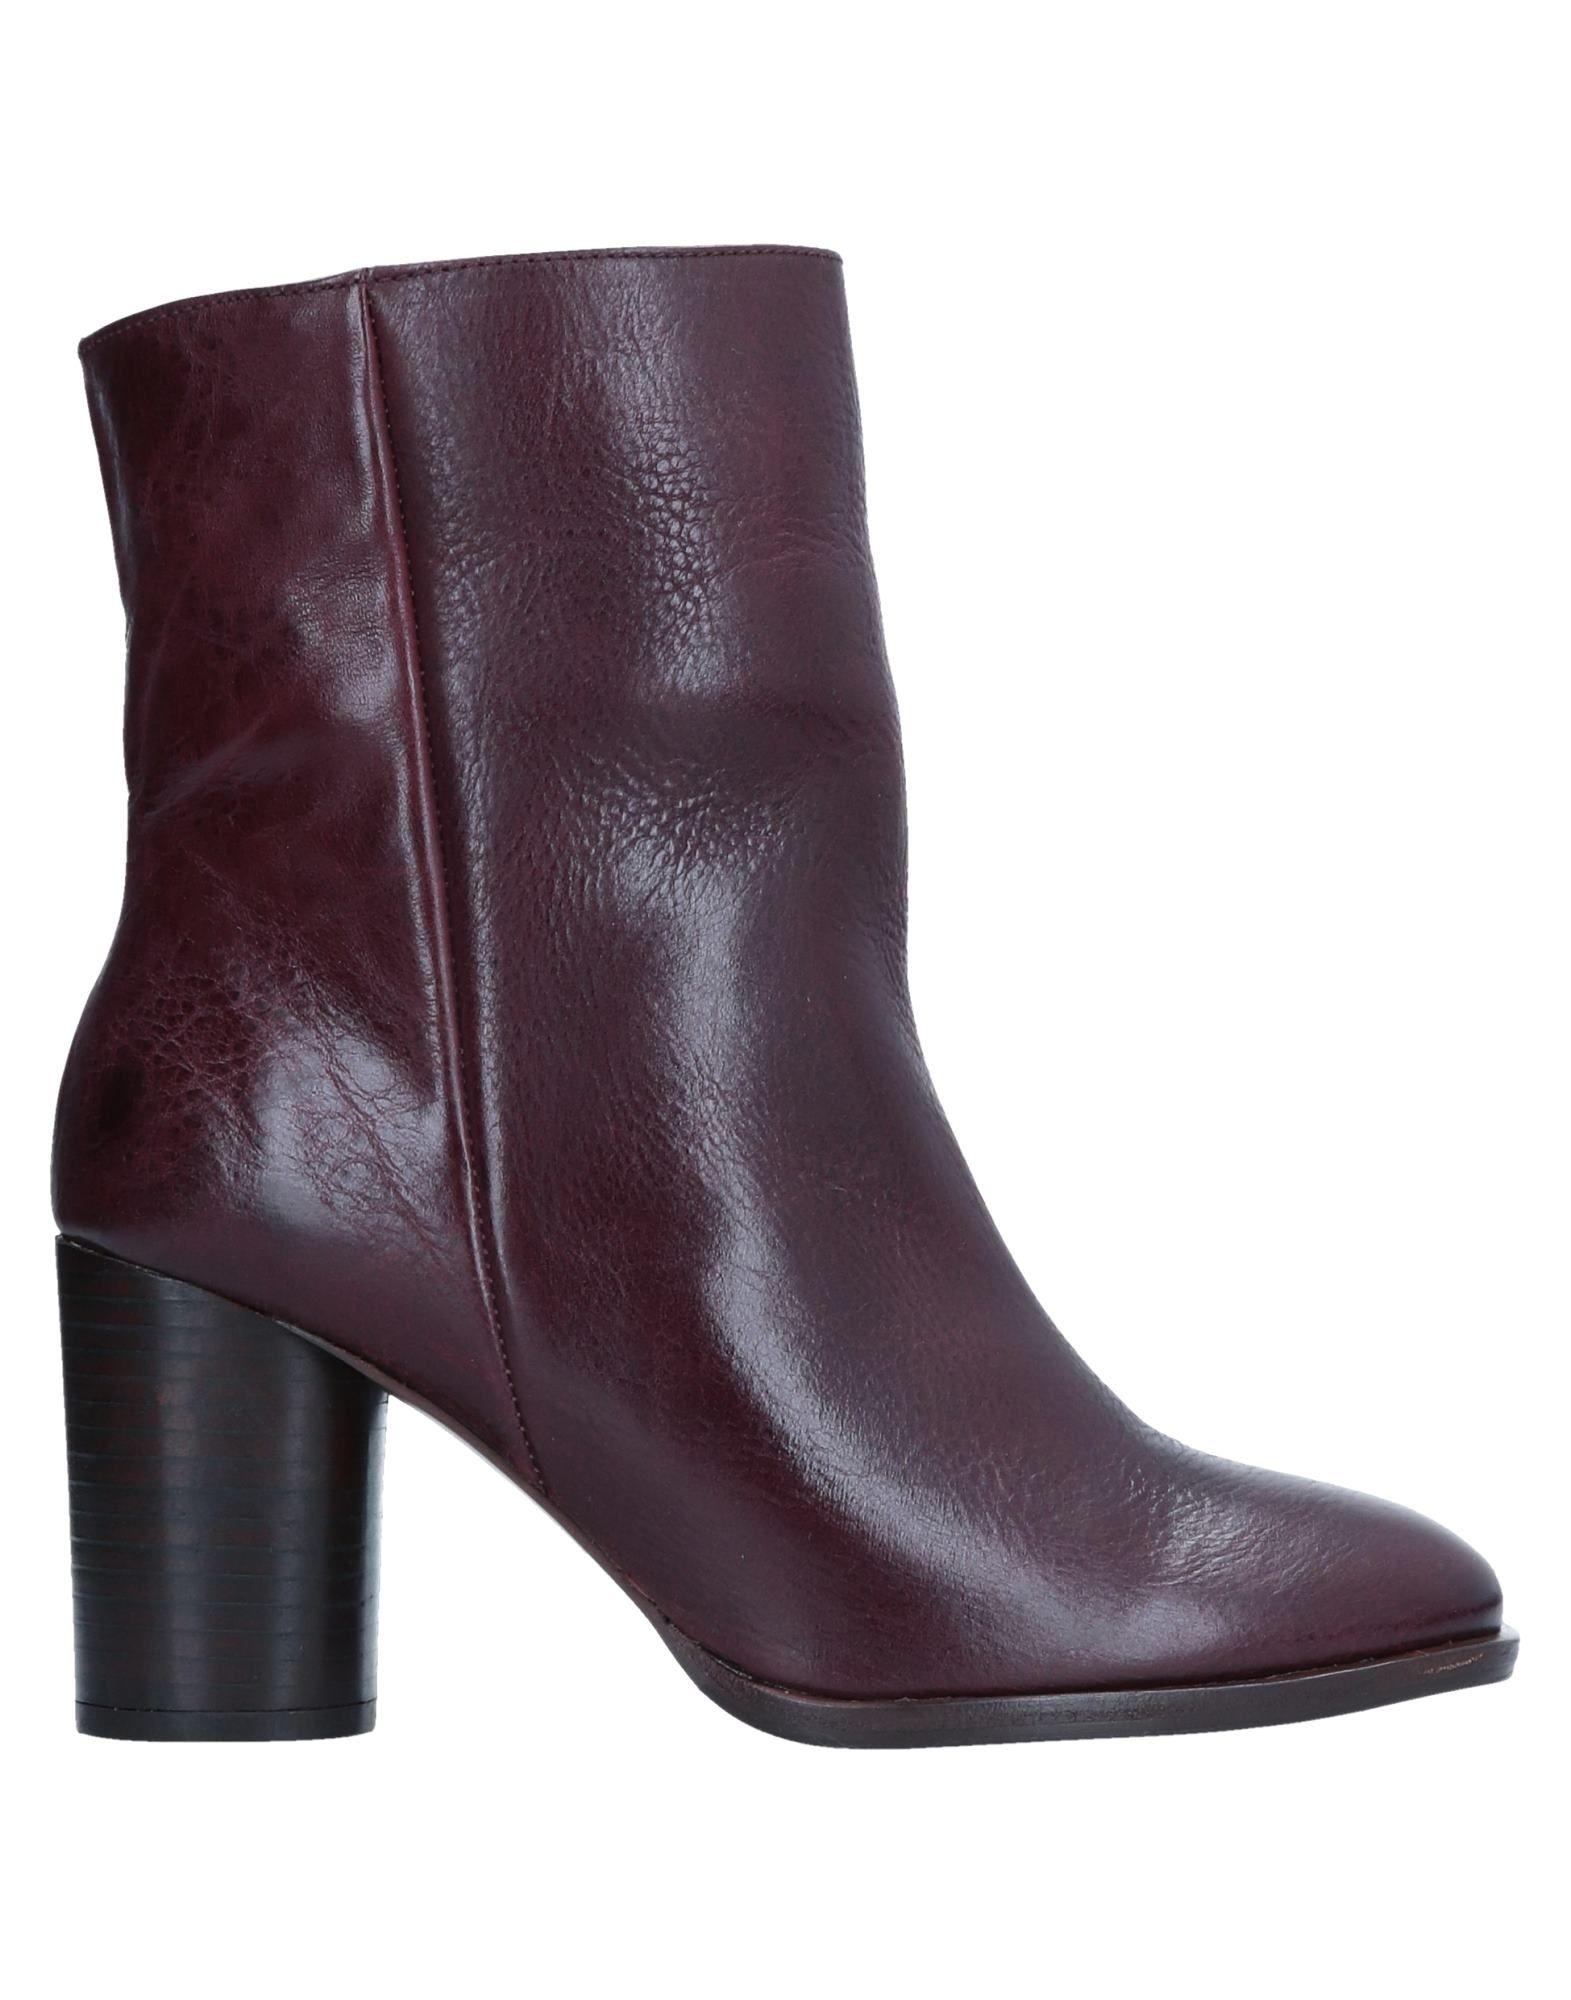 Sneakers Hogan Uomo - 11415046UT Scarpe economiche e buone